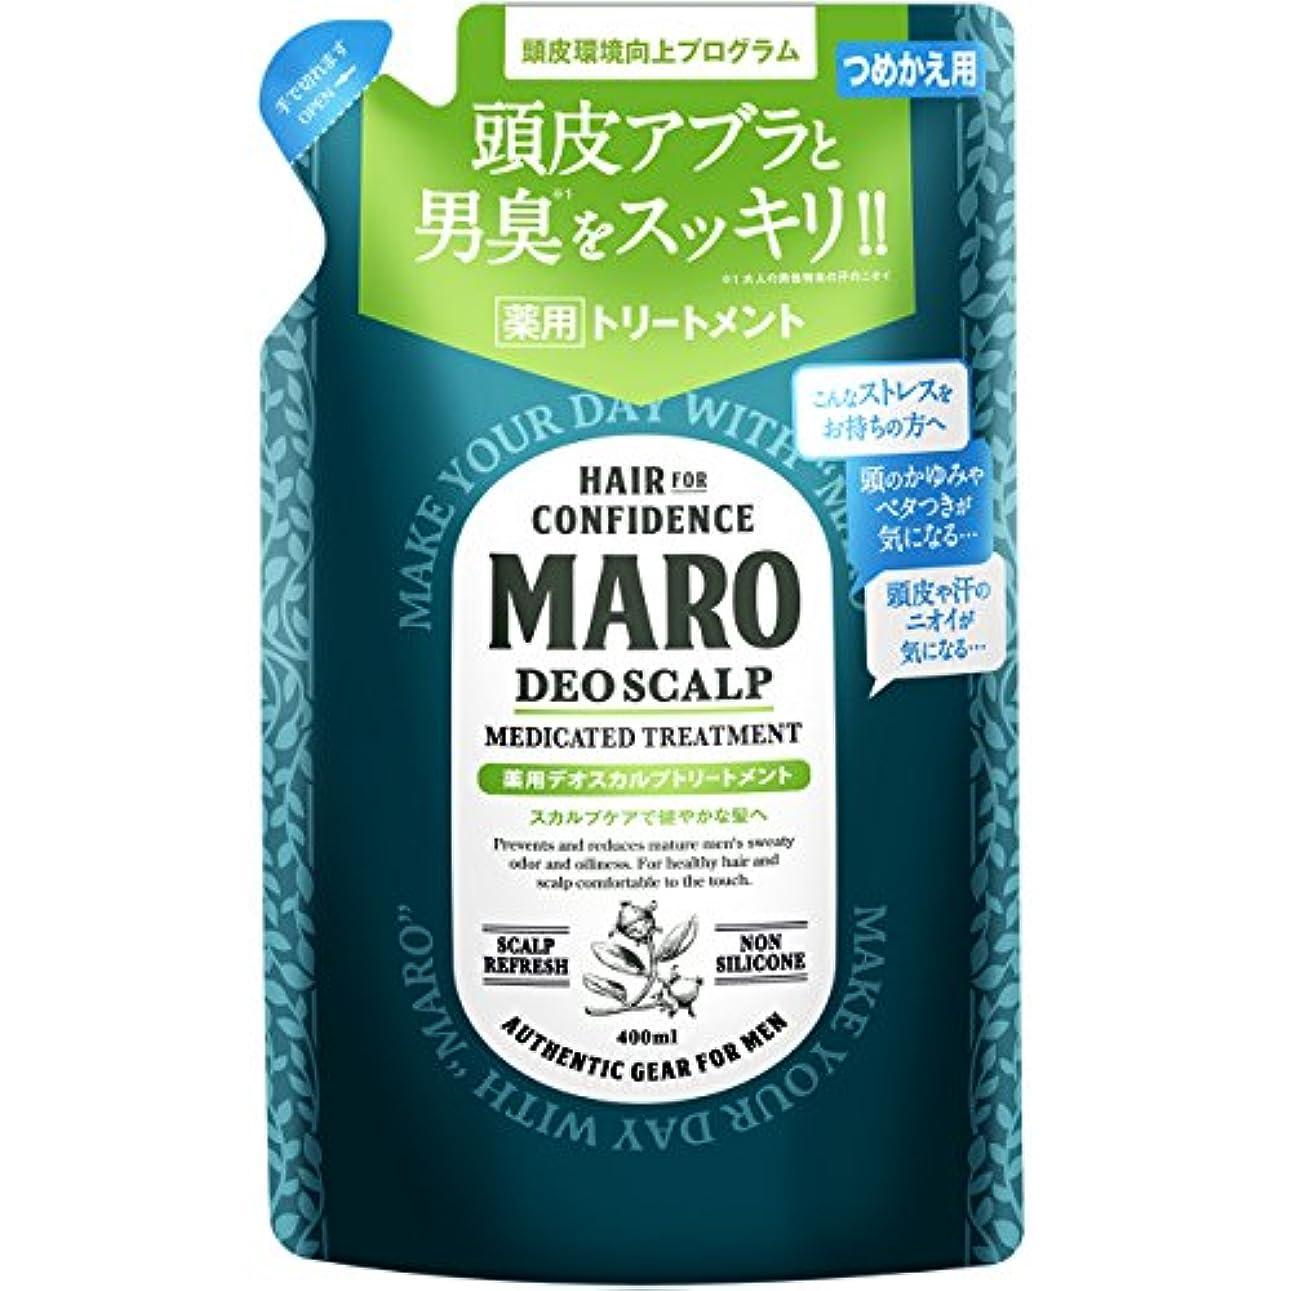 無しバンクほめるMARO 薬用 デオスカルプ トリートメント 詰め替え 400ml 【医薬部外品】